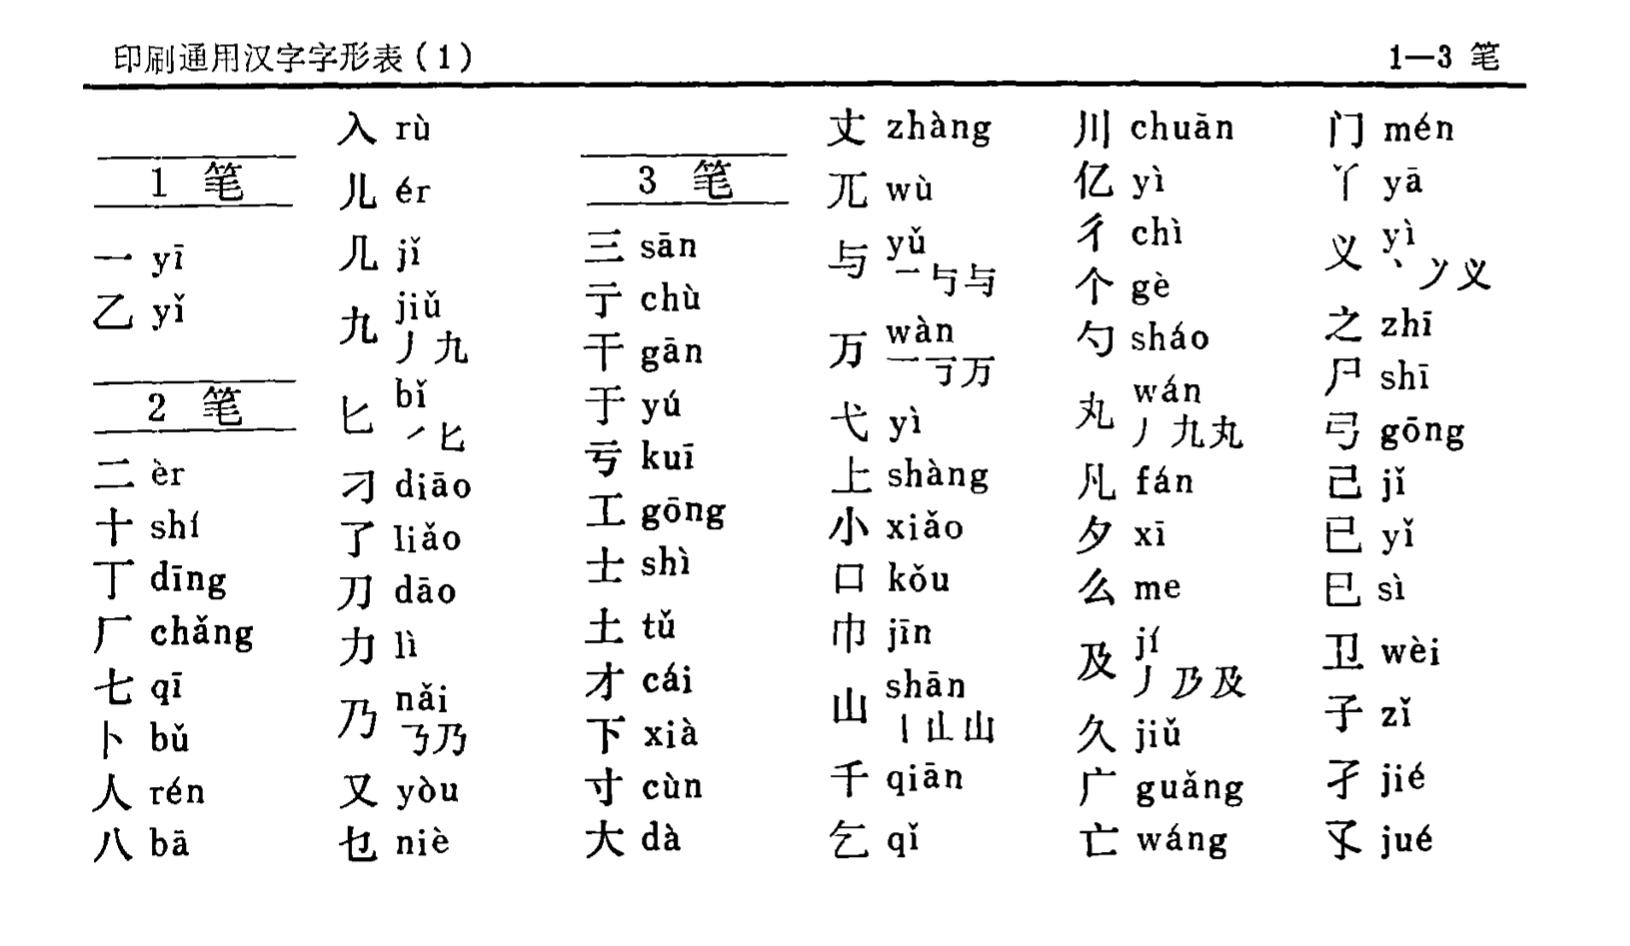 yinshuazixing